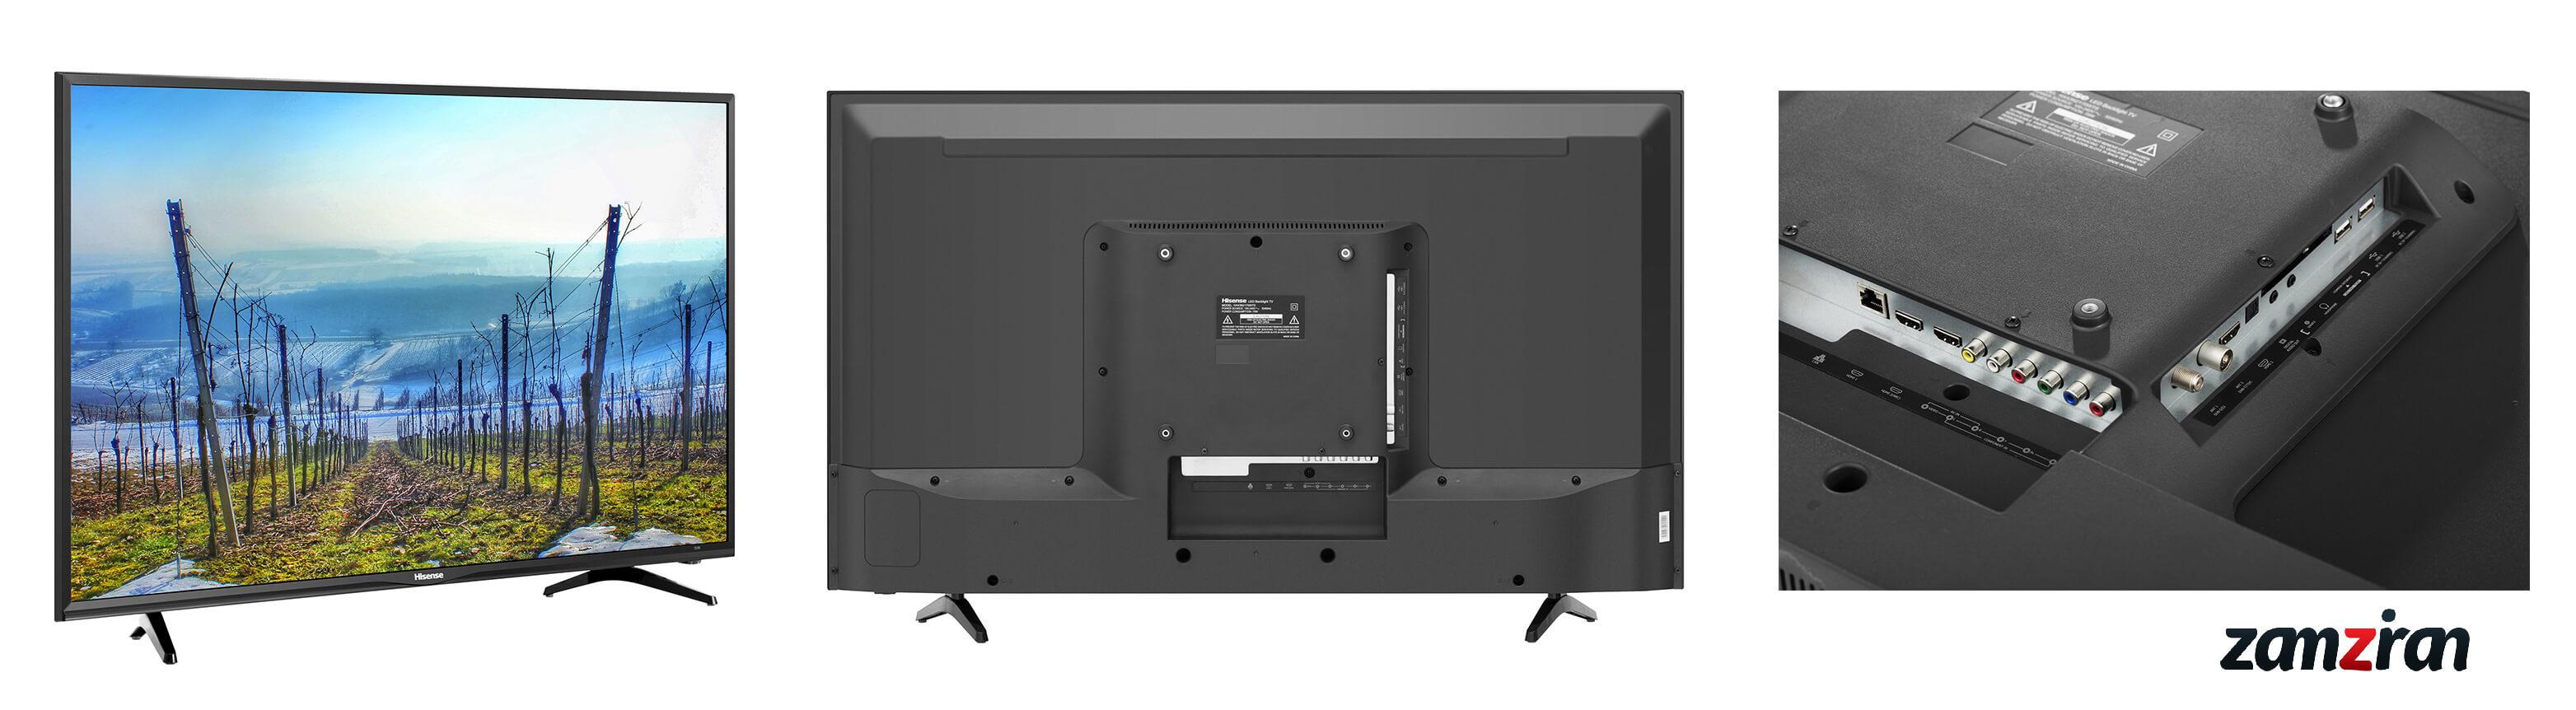 طراحی و ساخت تلویزیون 49 اینچ هایسنس